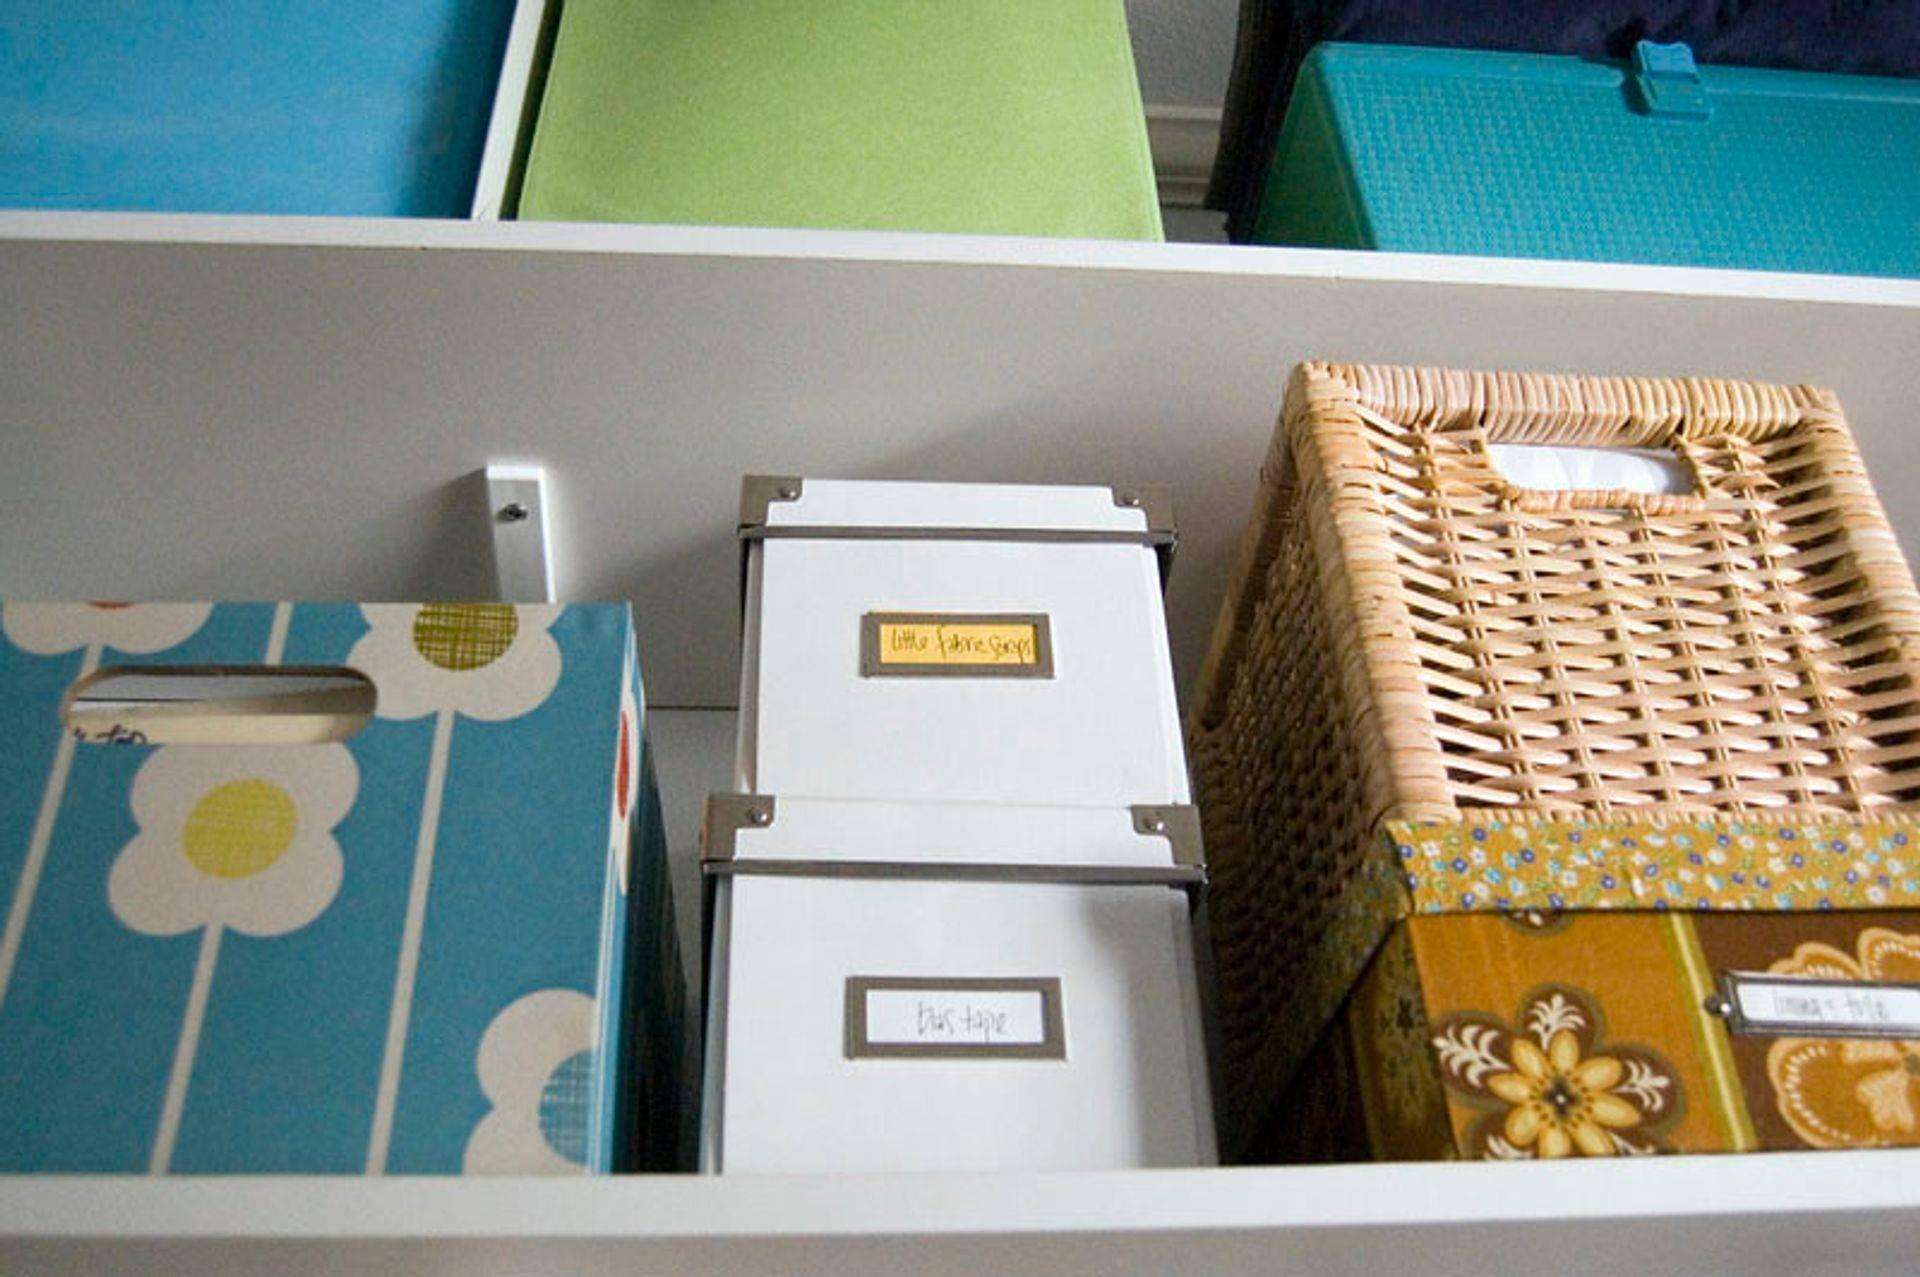 Productivity Organizing, Business Organizing, Home Organizing. Professional Organizing for Homes and Businesses, professional organizer, professional organizing